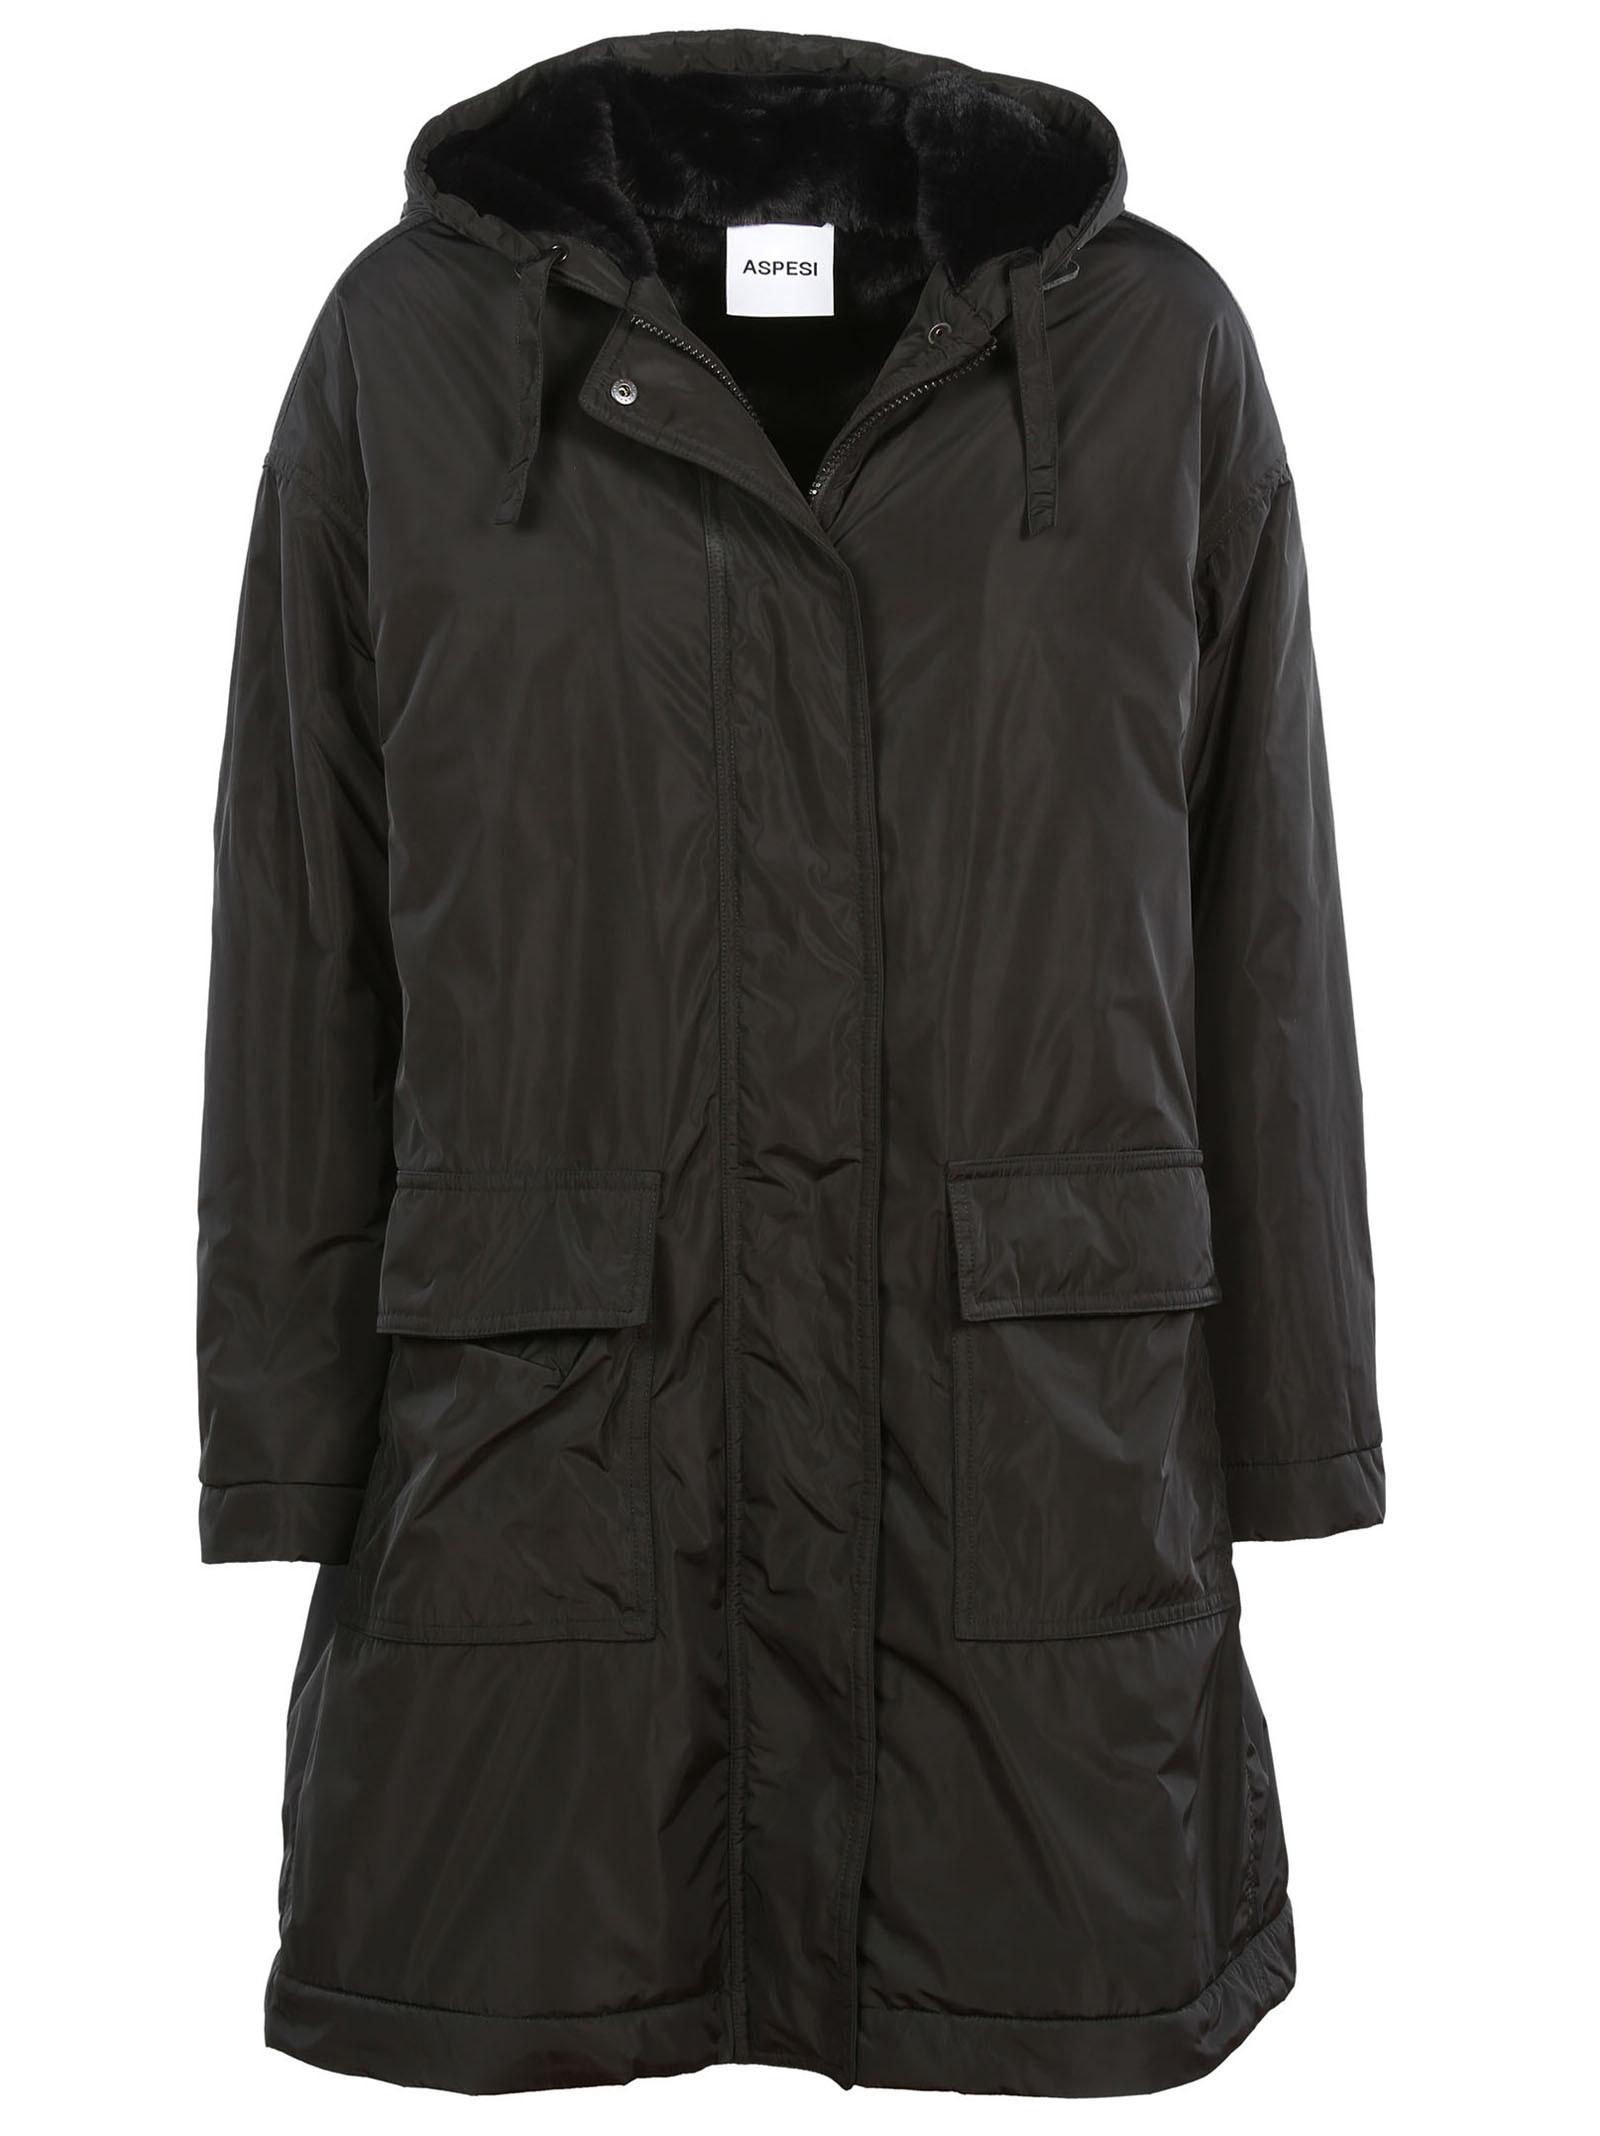 Aspesi Mandorla Coat